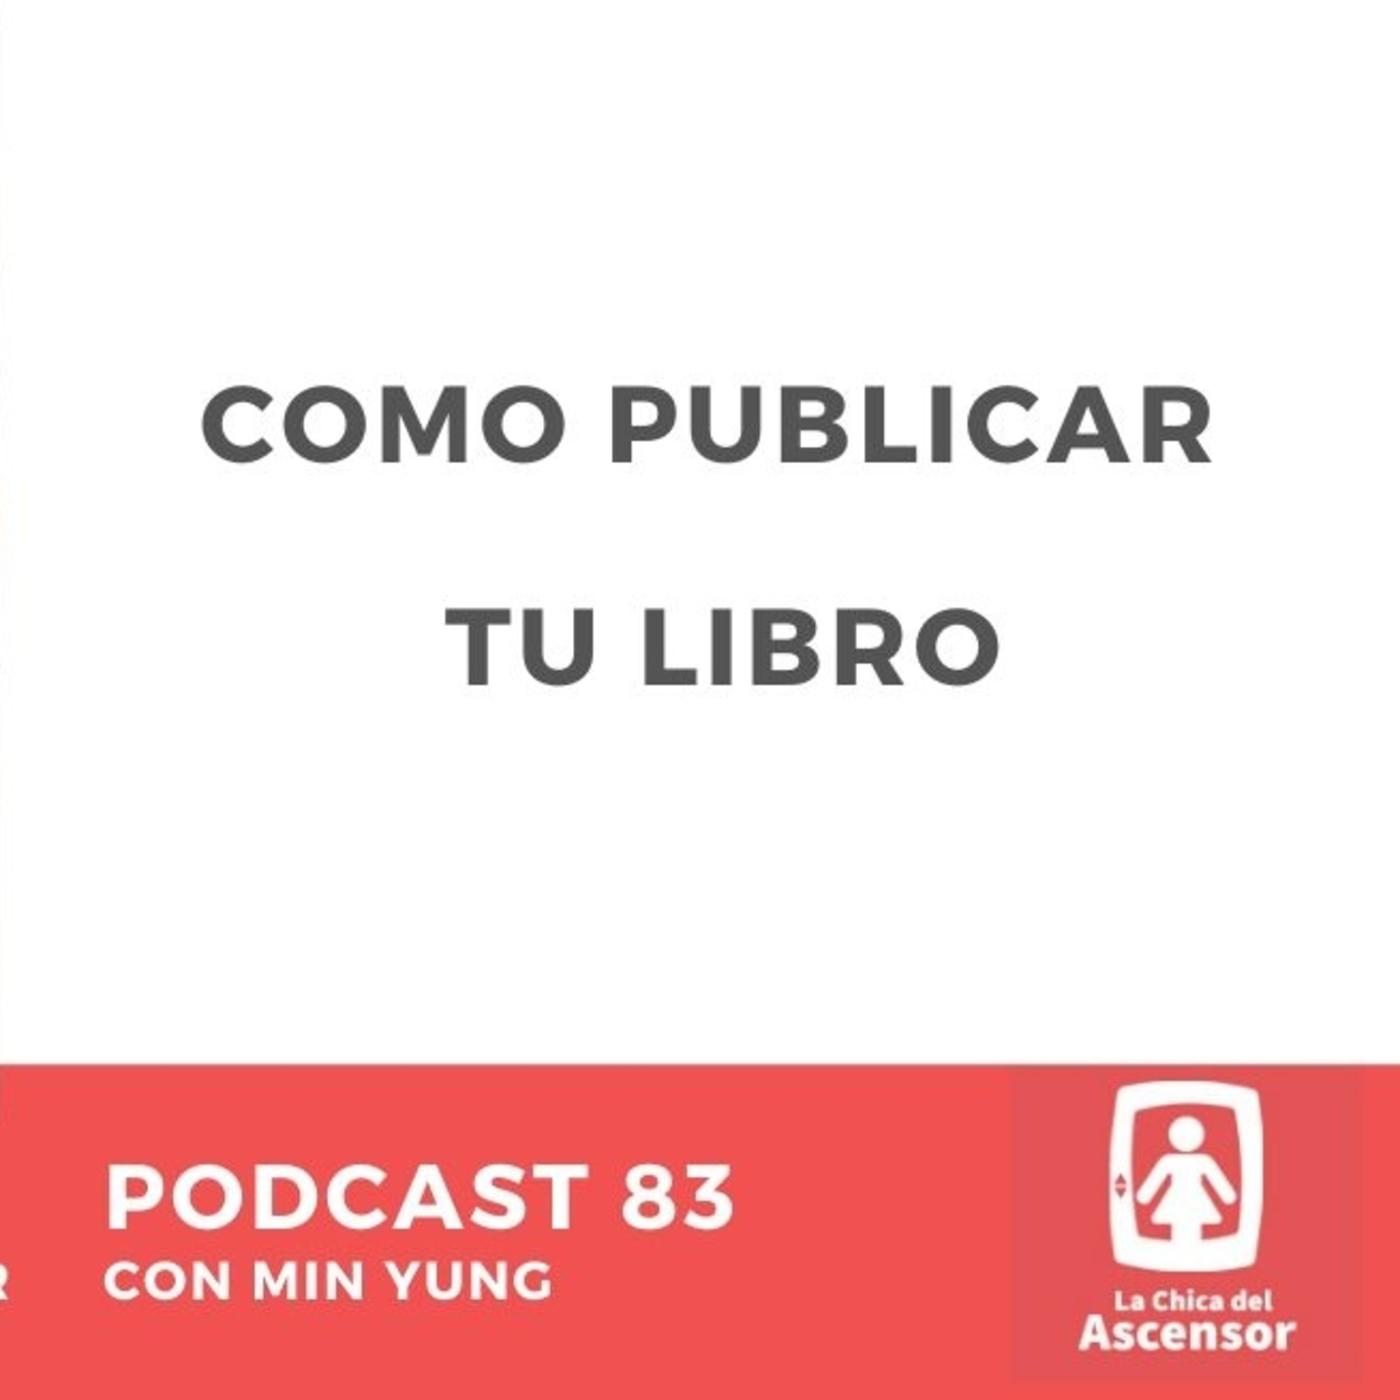 83 - Cómo publicar tu libro